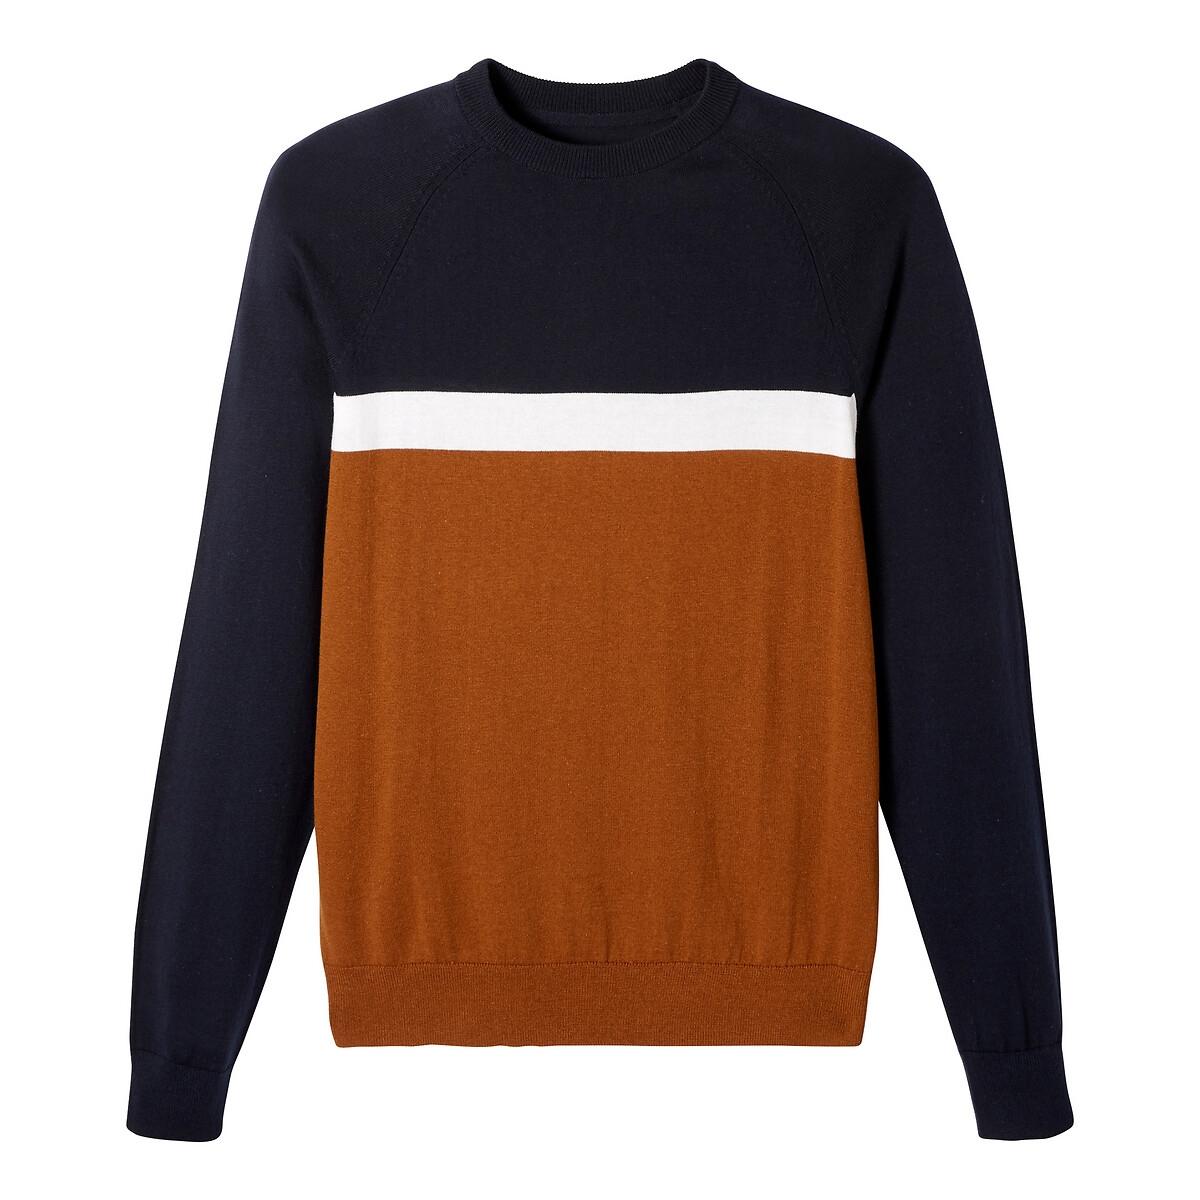 Пуловер La Redoute С круглым вырезом из тонкого трикотажа XL бежевый пуловер la redoute из тонкого трикотажа со шнуровкой l бежевый